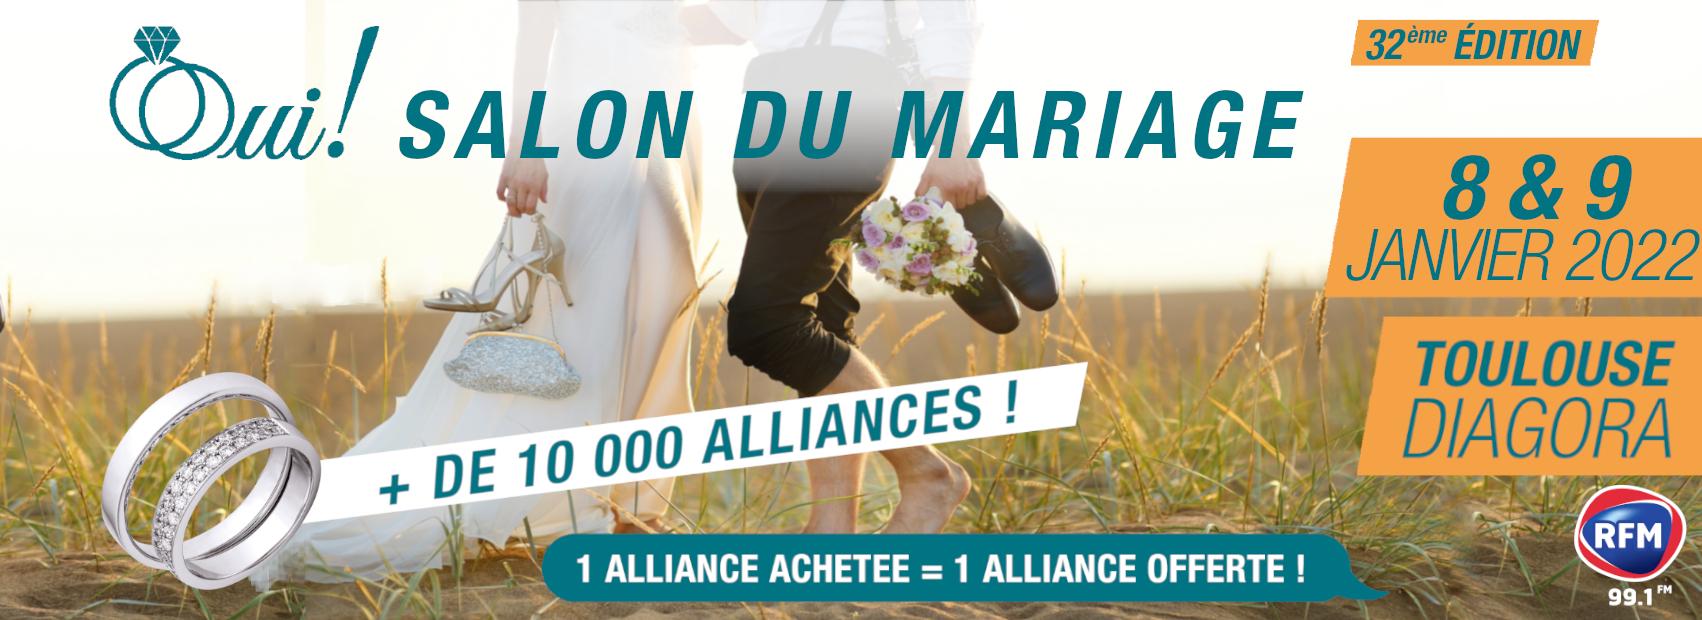 32ème édition du Salon du Mariage de Toulouse Diagora, 8&9 janvier 2022